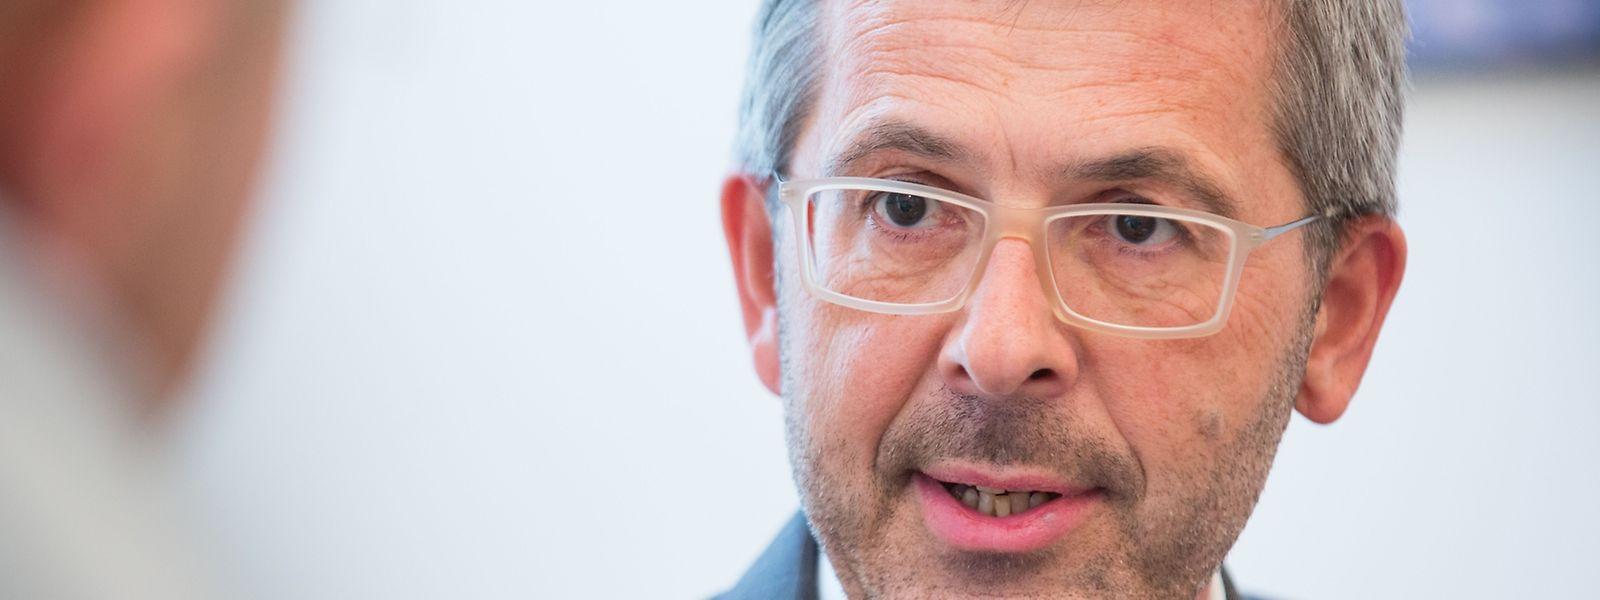 Dass sich Luxemburg dank seiner fiskalischen und bankrechtlichen Standortvorteile und der aktiven Unterstützung deutscher Banken einst zum Fluchtpunkt für deutsches Geld entwickelte, will Serge de Cillia so nicht stehen lassen